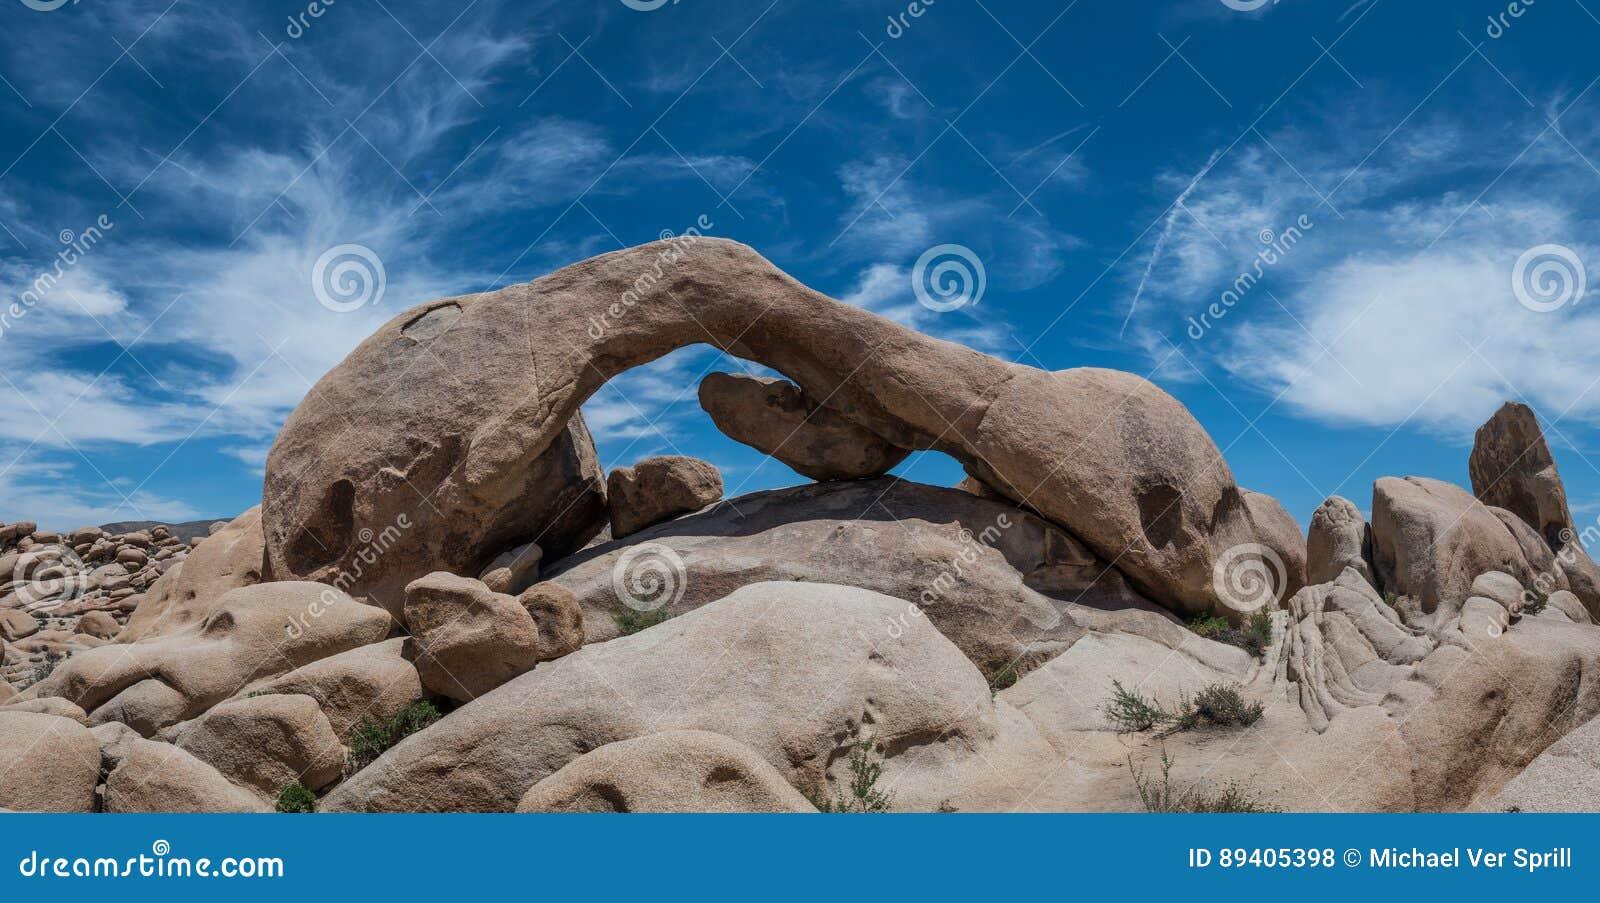 Panorama da rocha do arco em Joshua Tree National Park